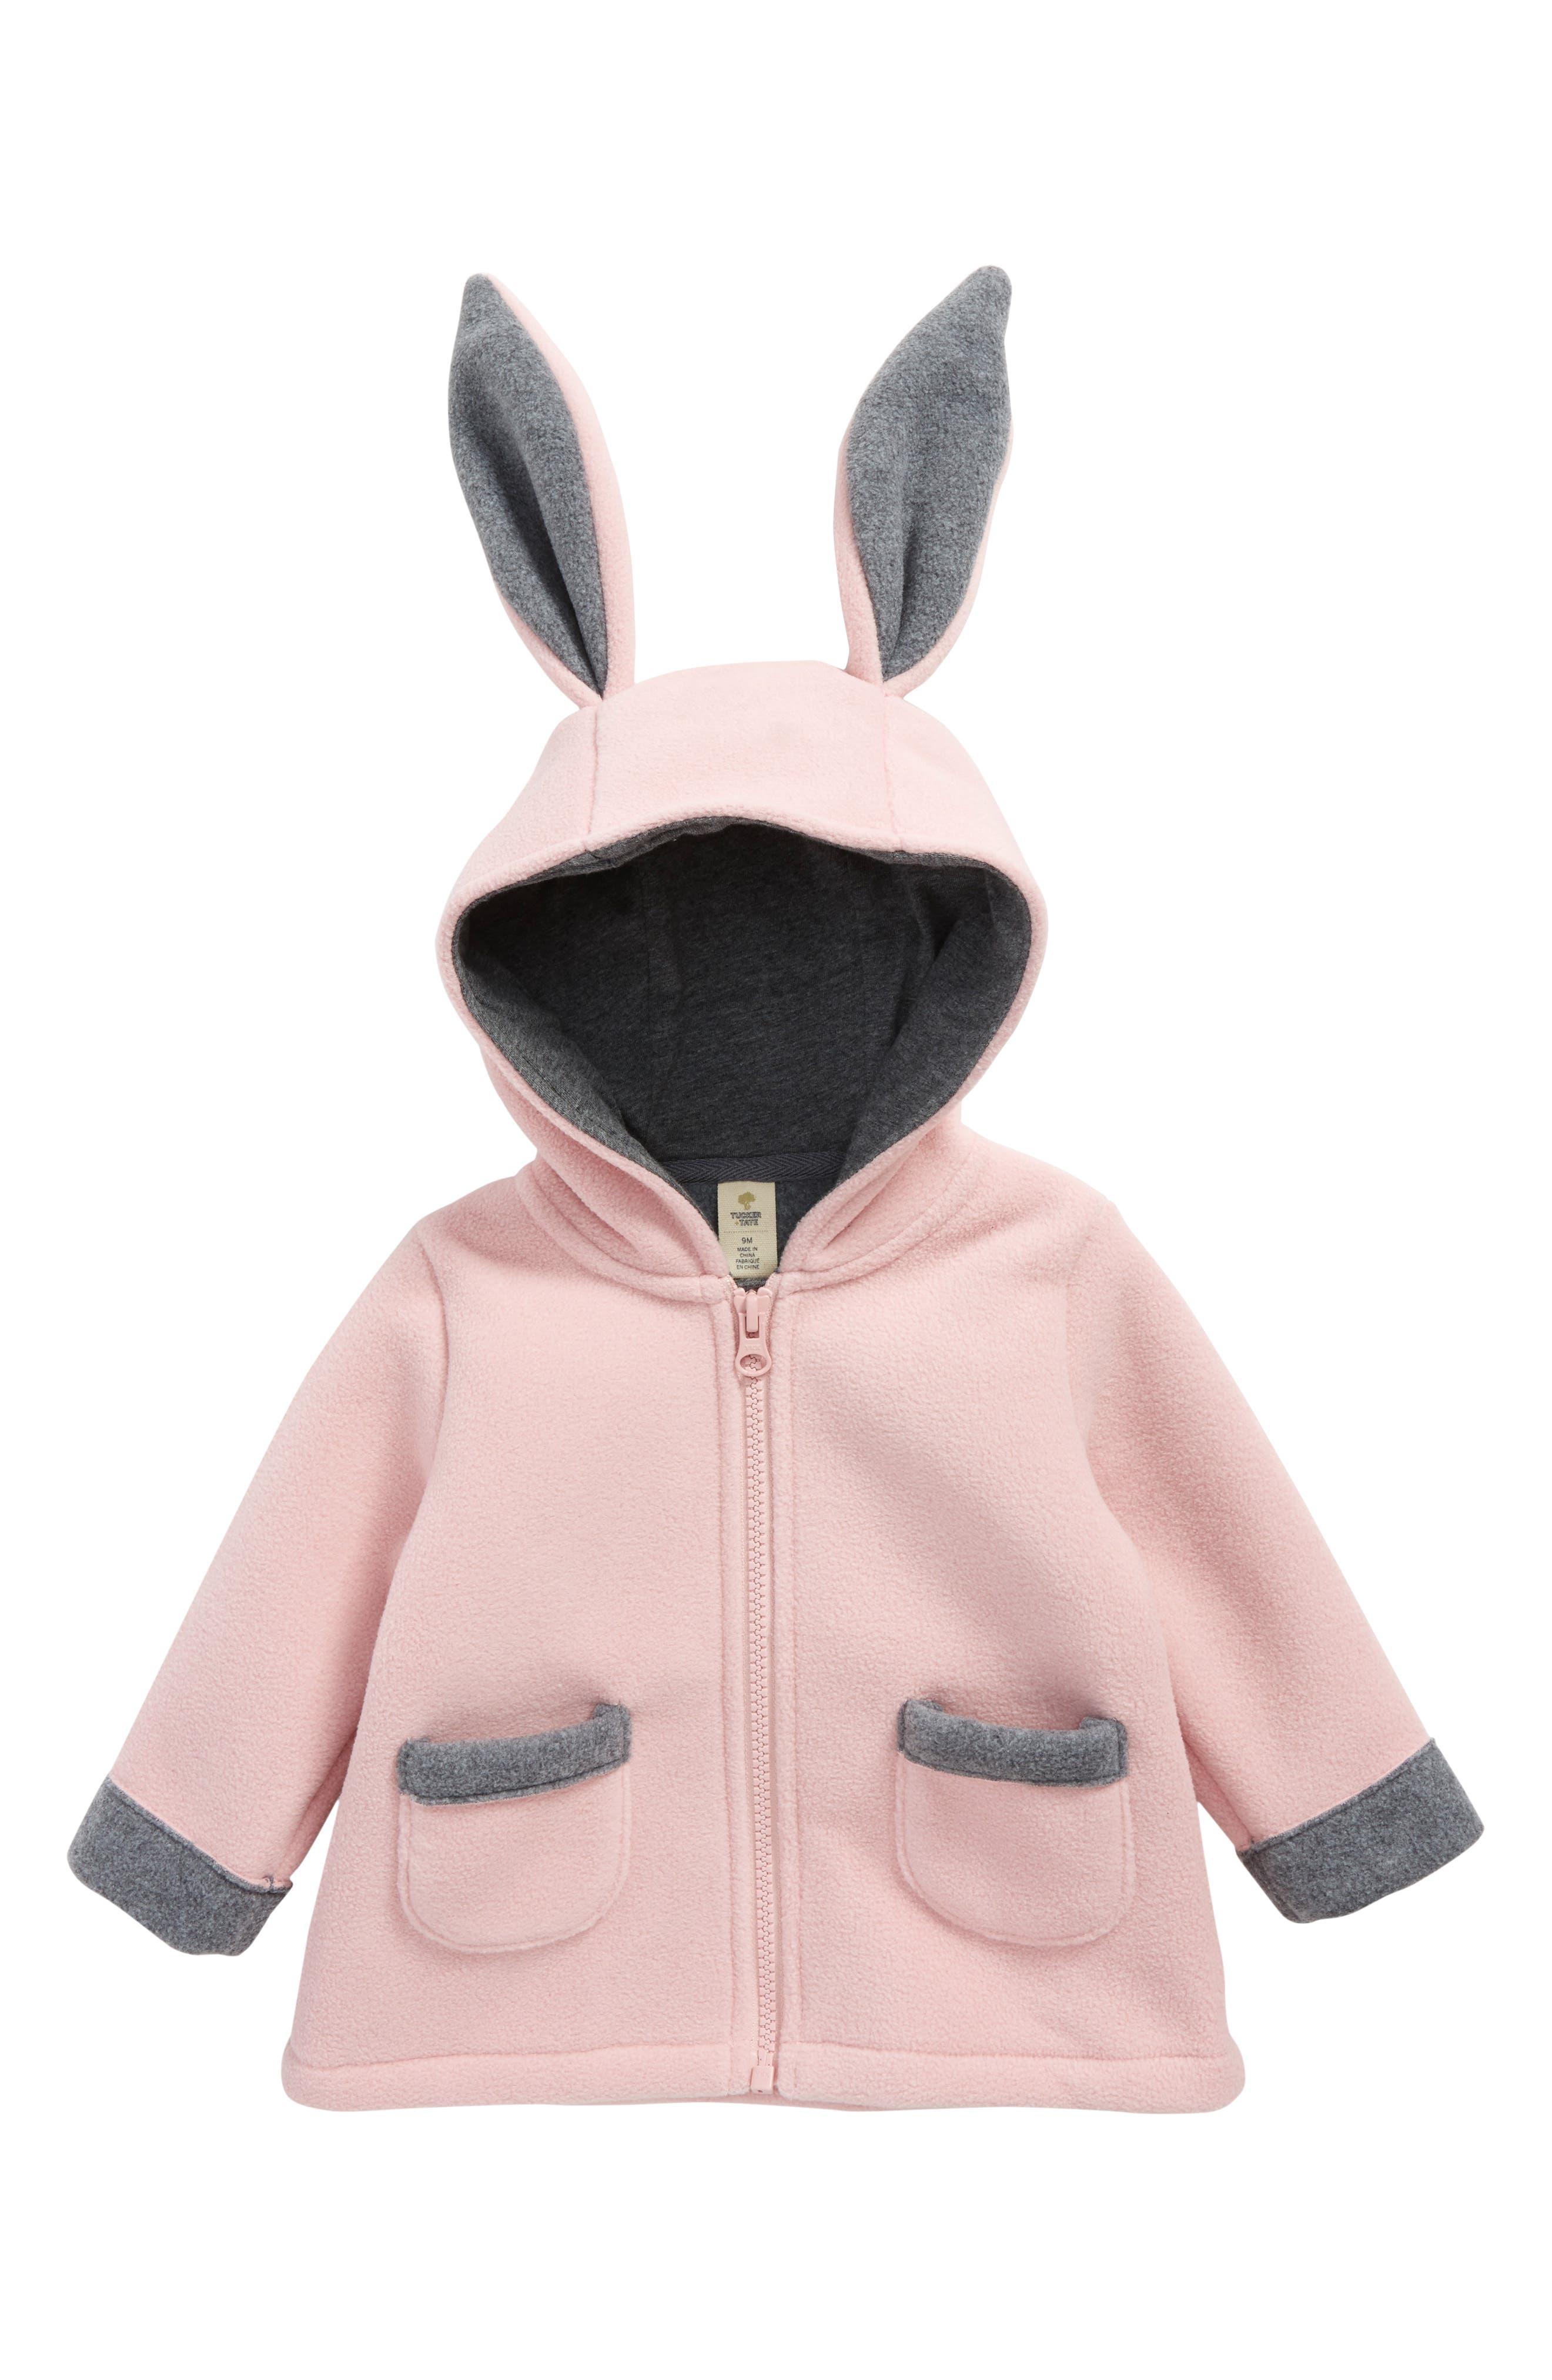 Alternate Image 1 Selected - Tucker + Tate Bunny Fleece Jacket (Baby Girls)